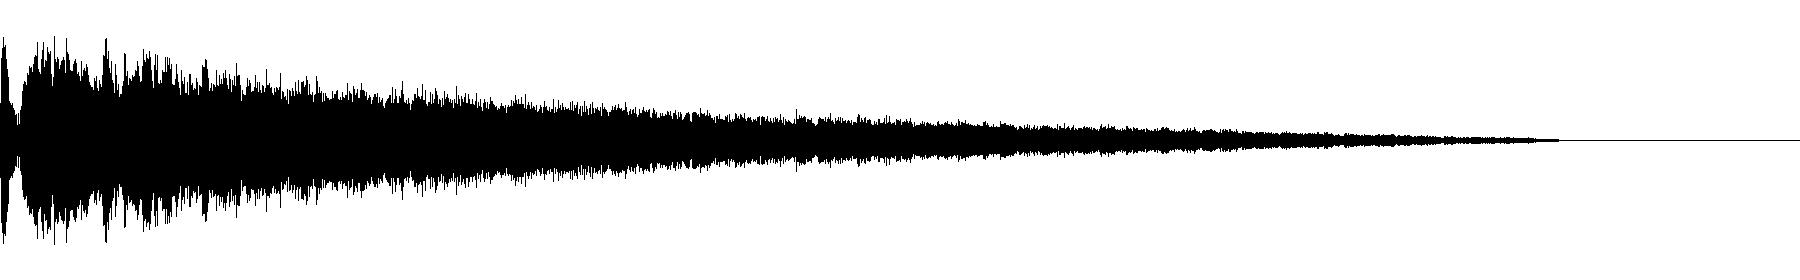 bluezone xworld sound 082